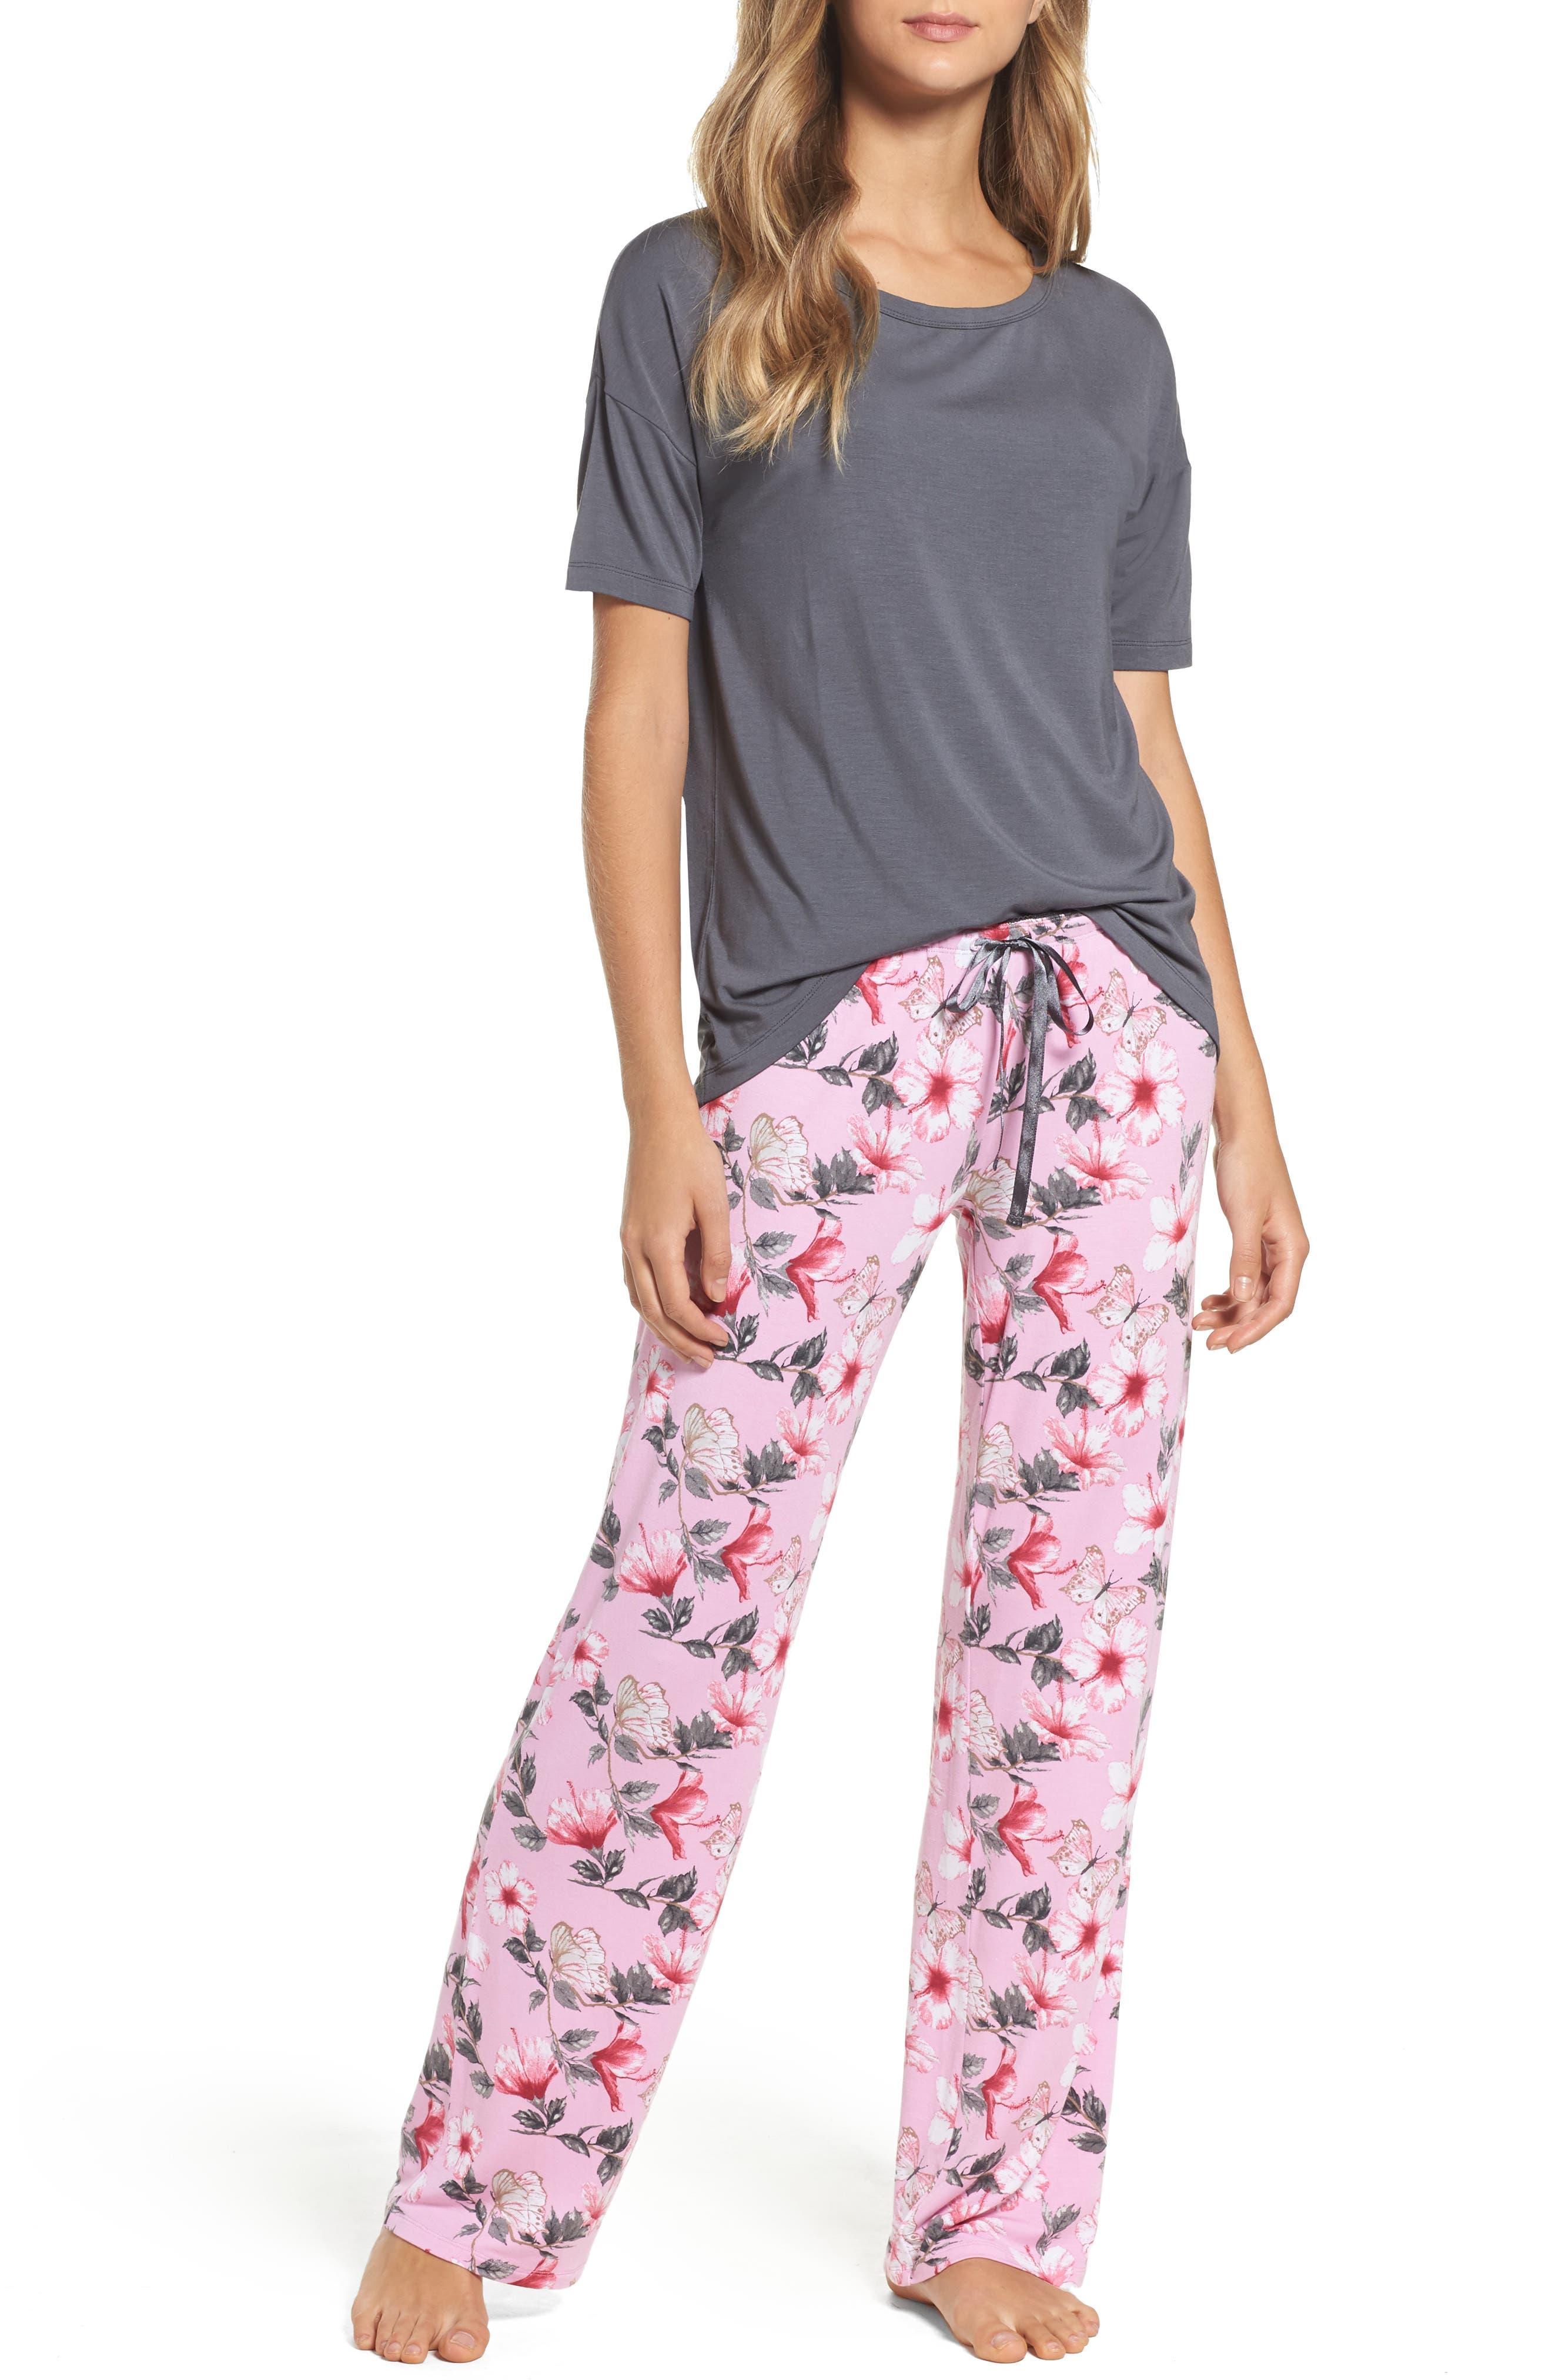 PJ SALVAGE Pajamas